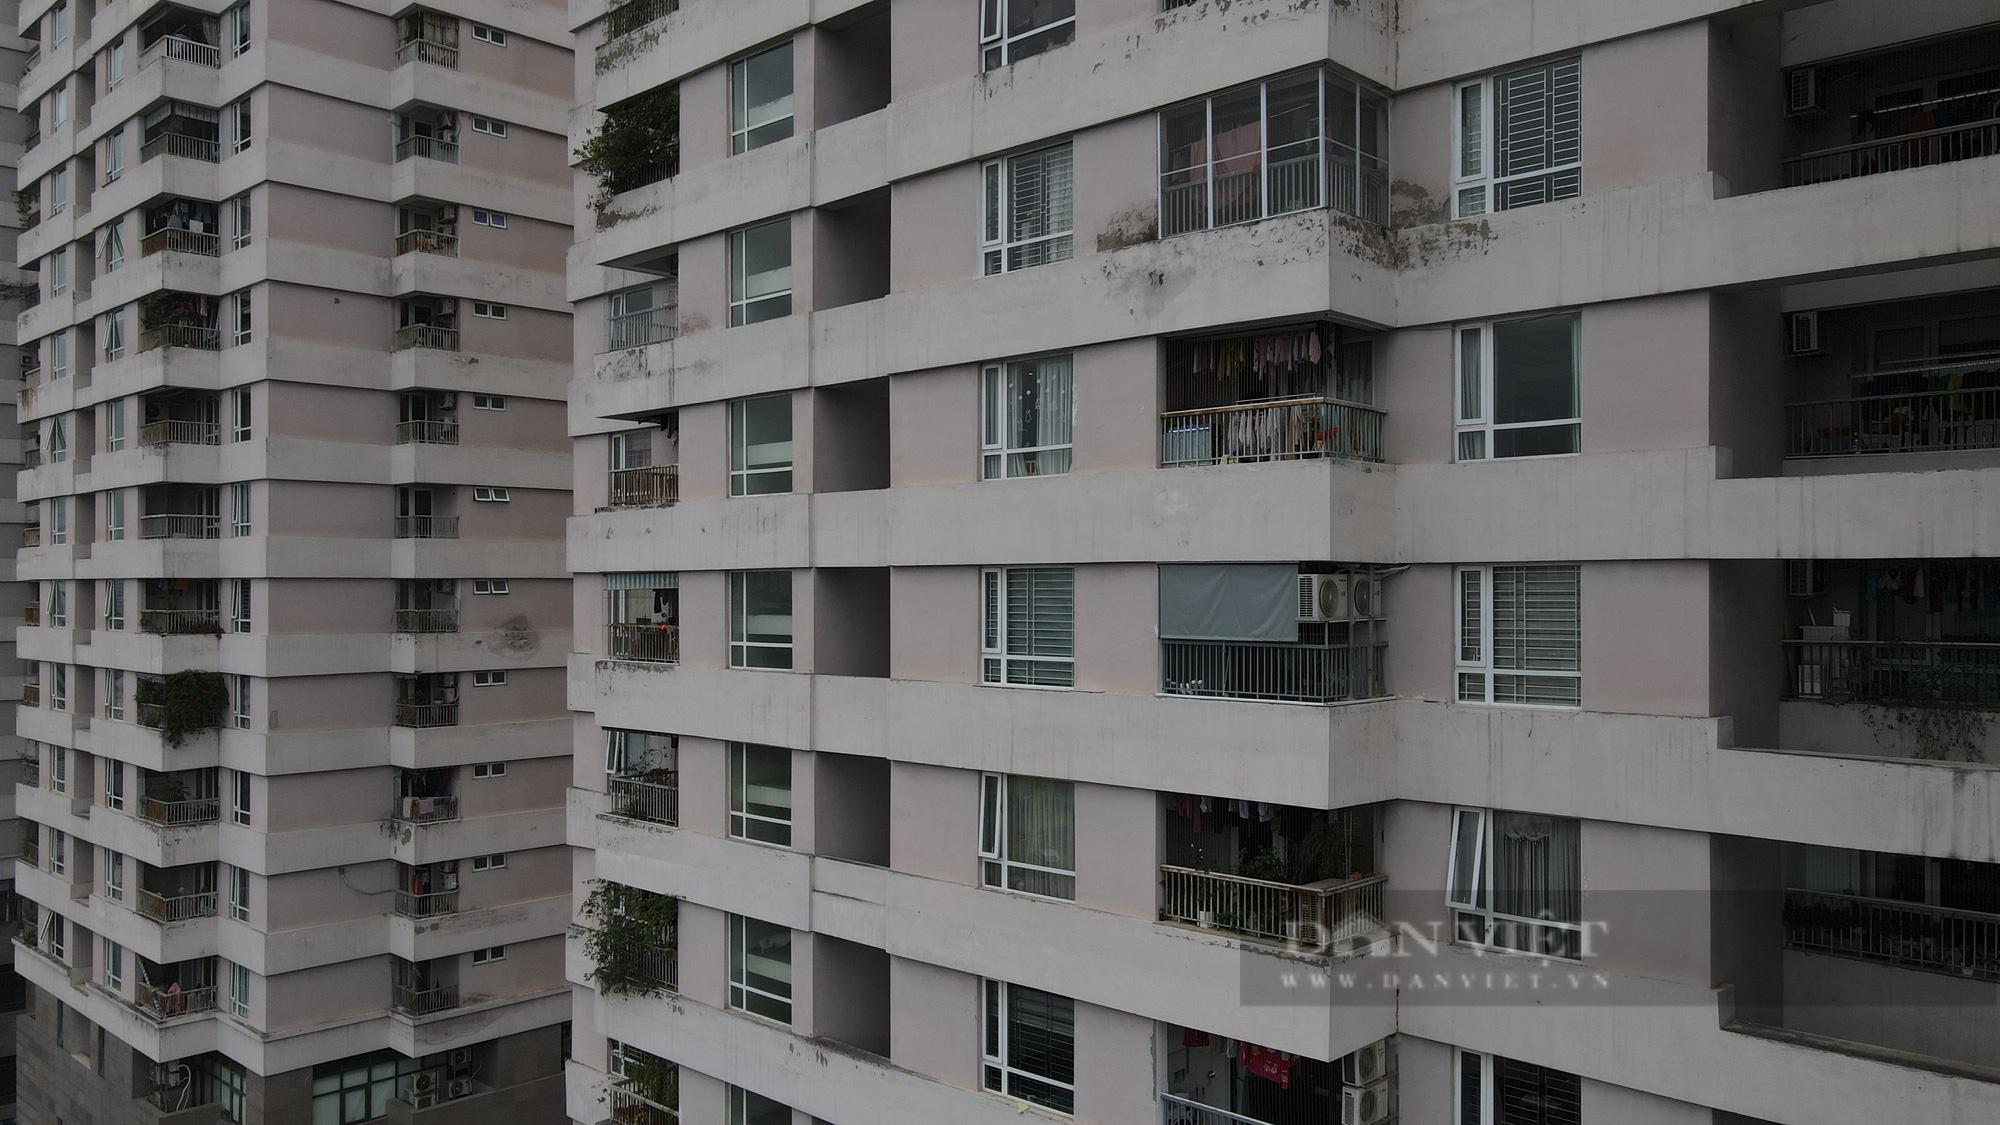 'Mổ xẻ' lý do giá căn hộ tại quận Cầu Giấy tăng 56% trong 4 năm - Ảnh 4.